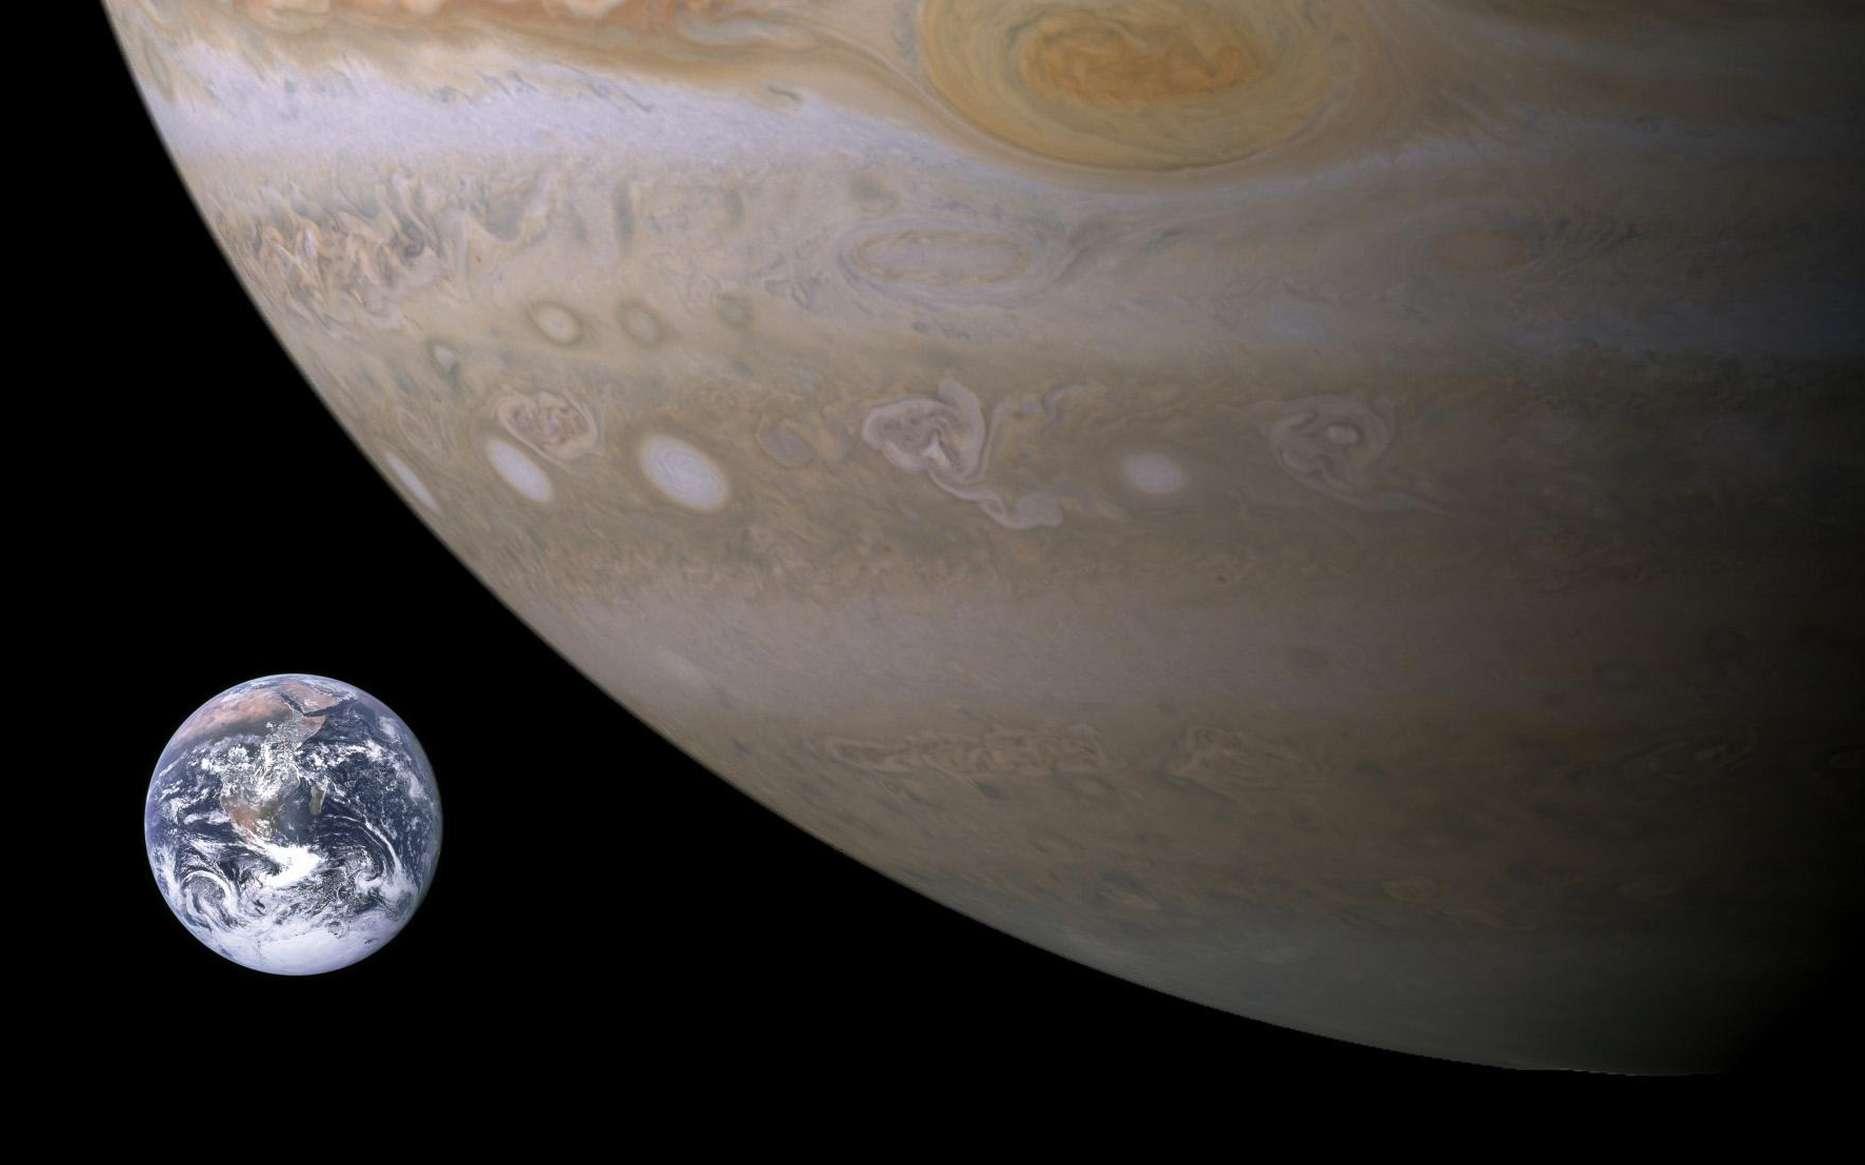 La Terre (à gauche) est la plus grande des planètes telluriques du Système solaire. Jupiter (à droite) est la plus grande des planètes gazeuses. © Nasa, DP